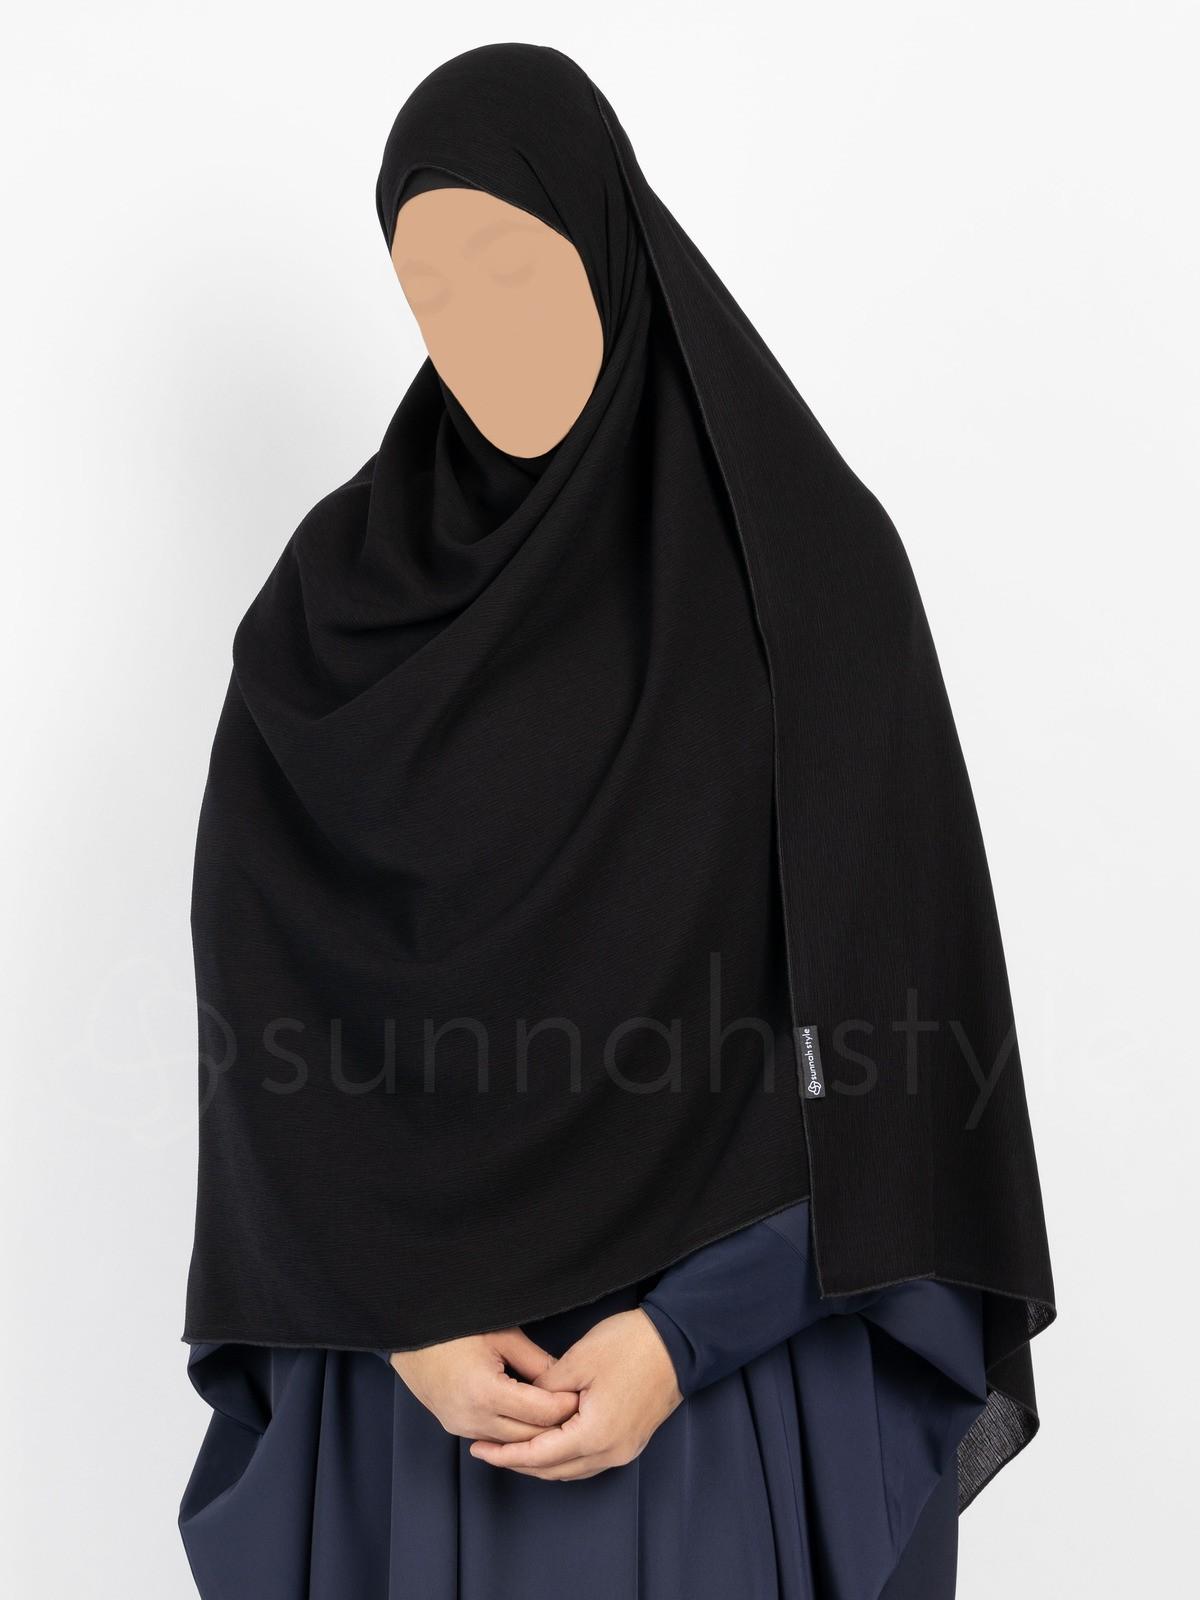 Sunnah Style - Brushed Shayla - XL (Black)